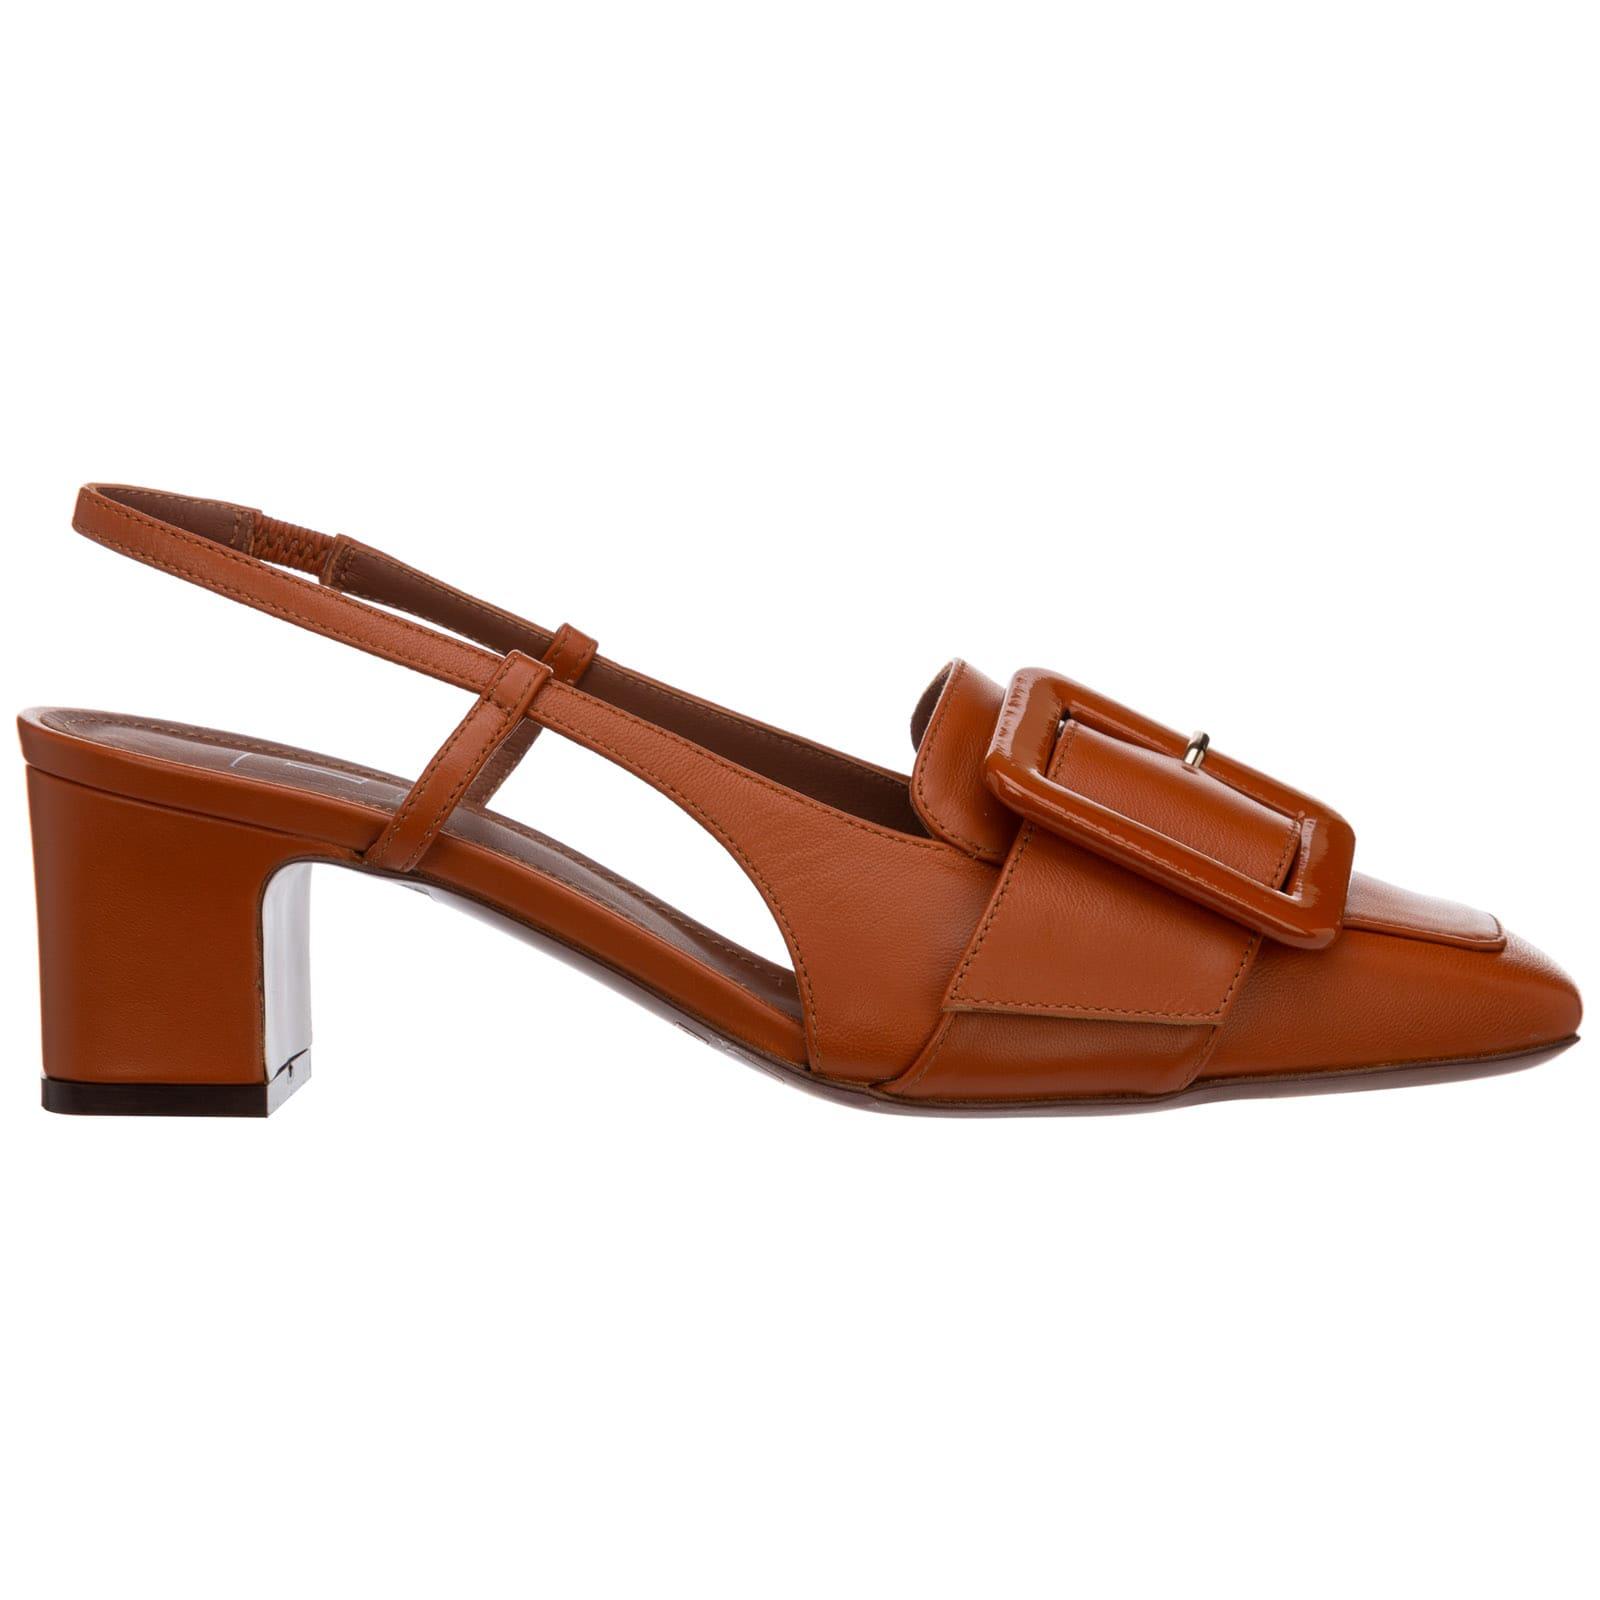 Lautre Chose K/ikonik Sandals